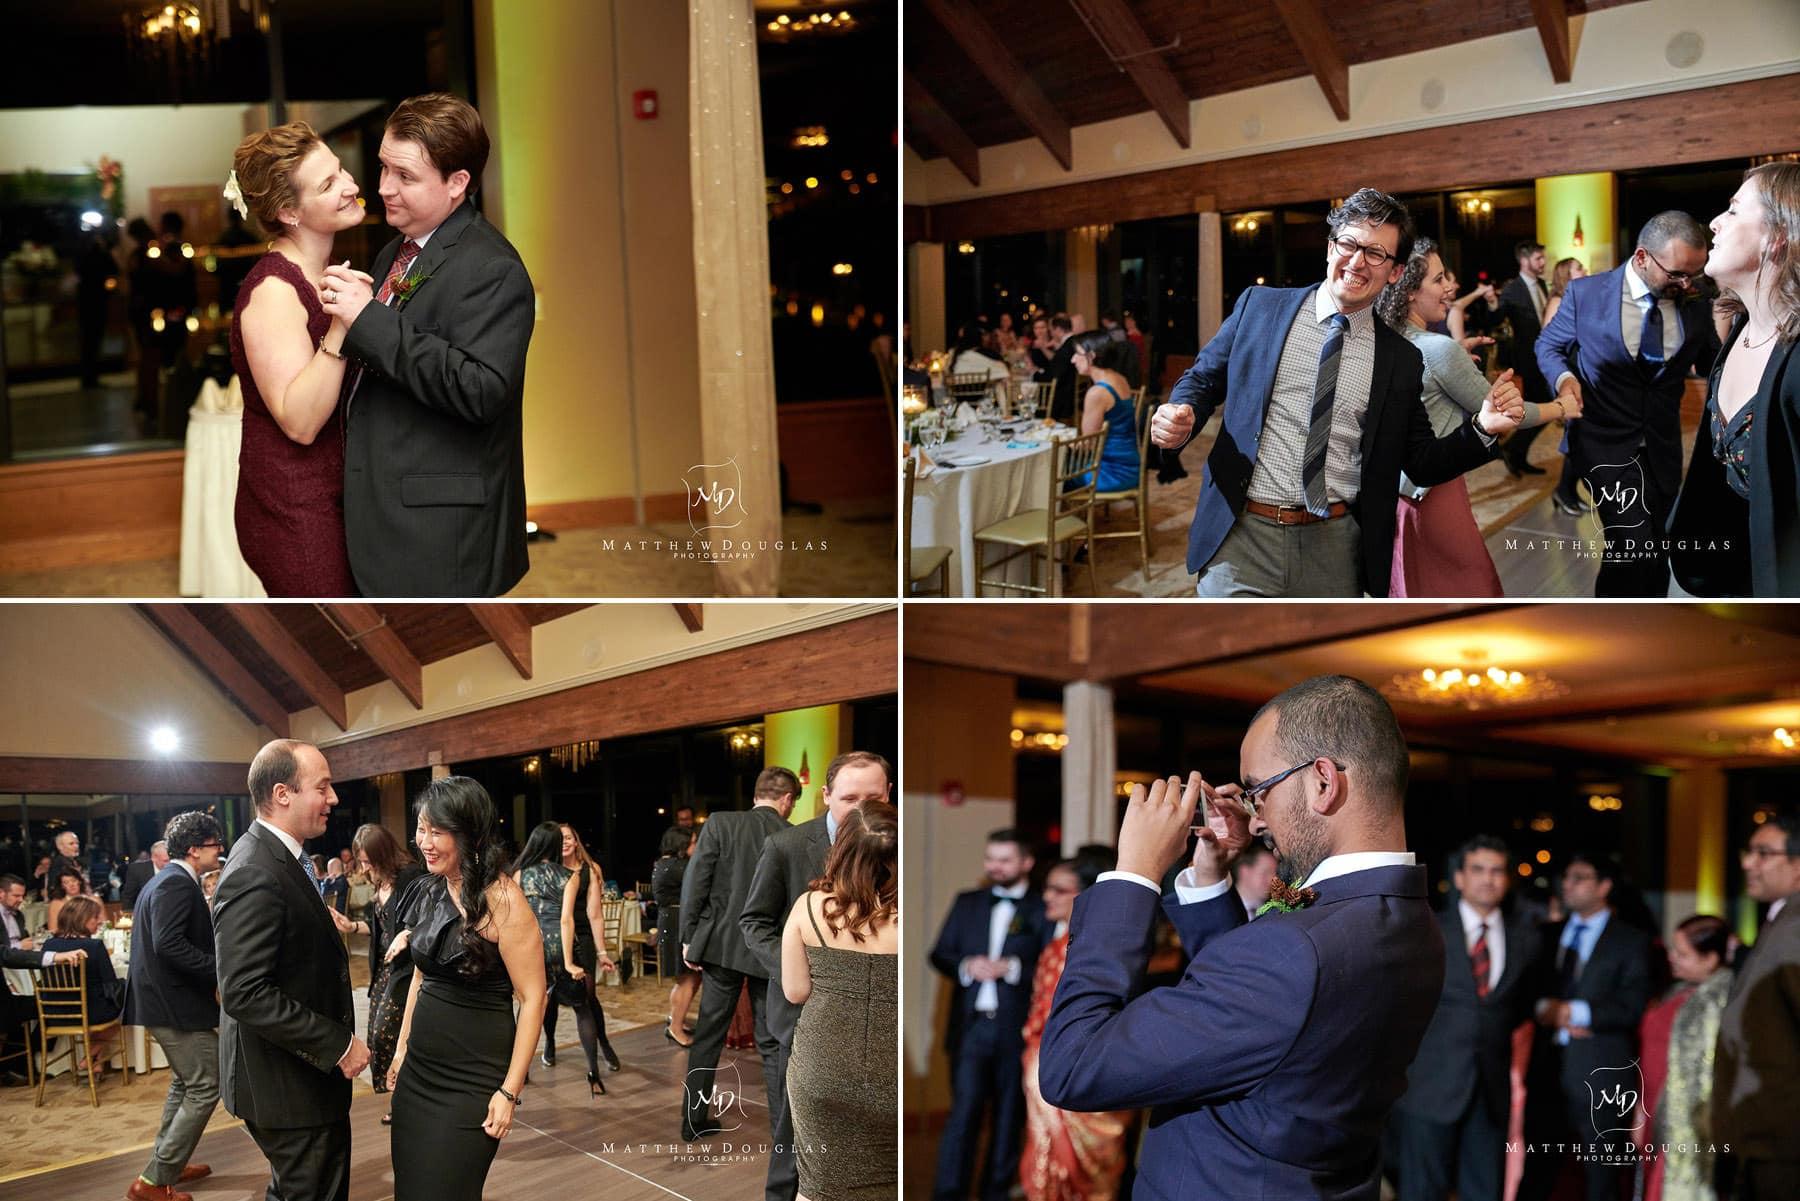 lambertville station inn wedding dancing photo